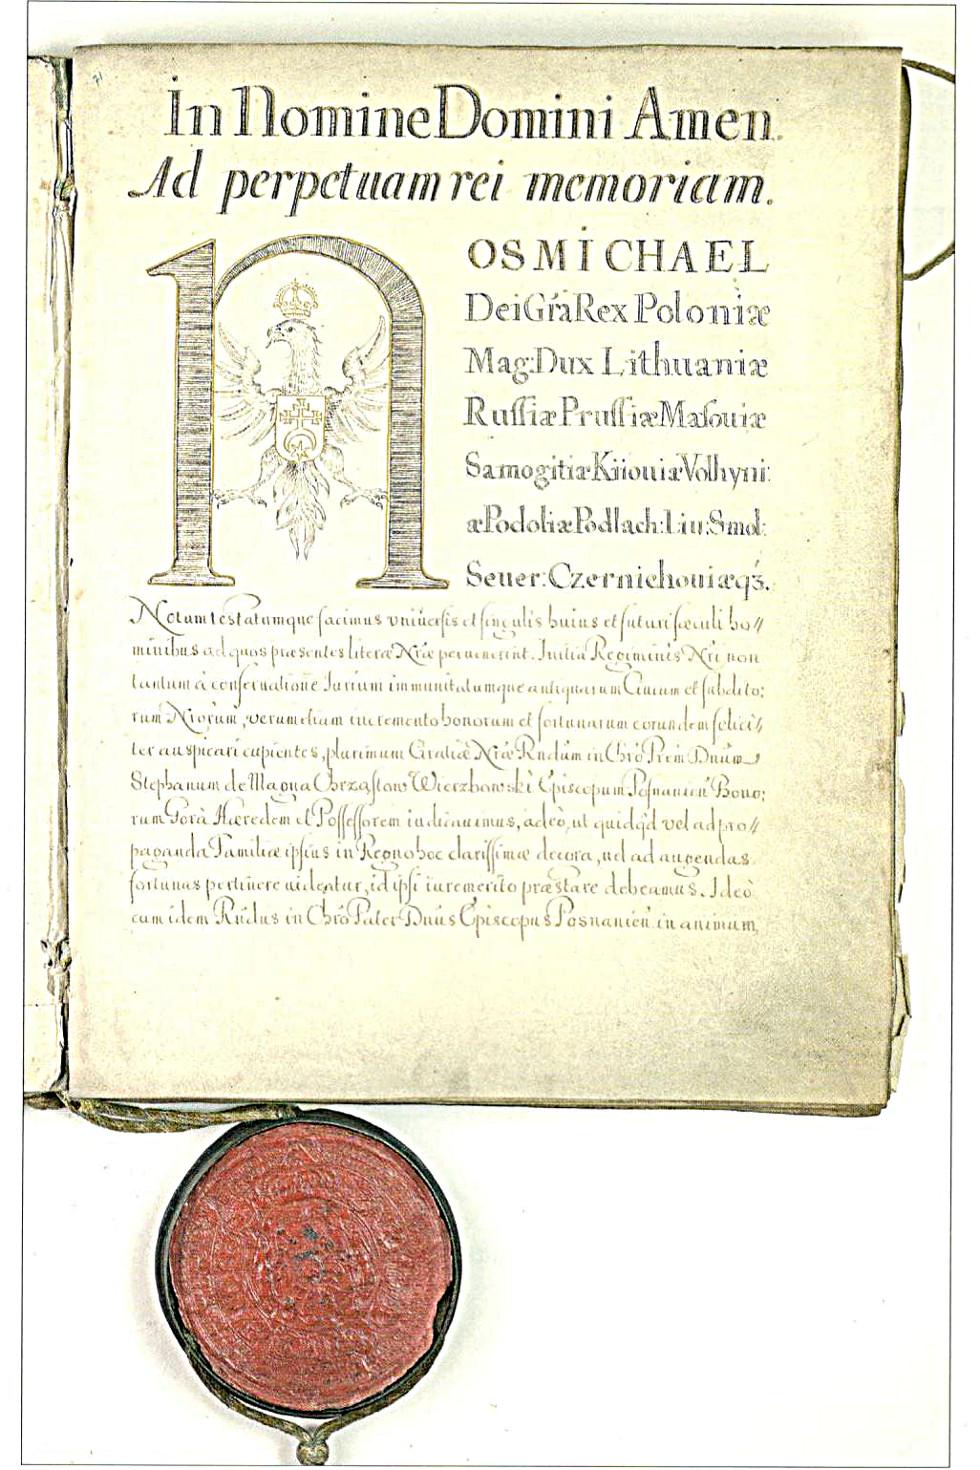 Przywilej króla Michała Korybuta Wiśniowieckiego nadający prawo magdeburskie Nowej Jerozolimie.